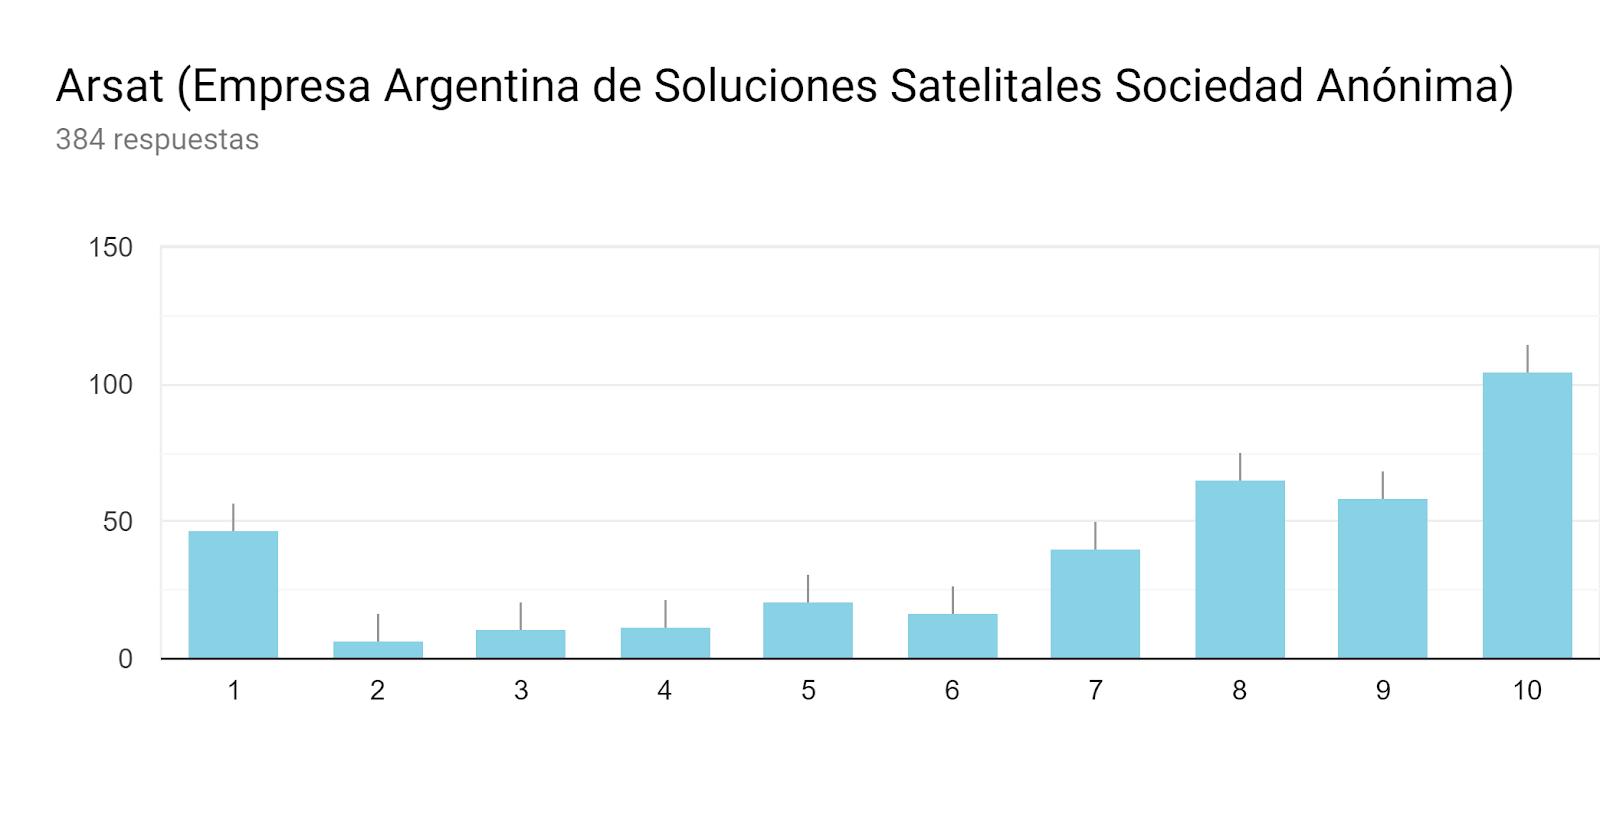 Gráfico de respuestas de formularios. Título de la pregunta:Arsat (Empresa Argentina de Soluciones Satelitales Sociedad Anónima). Número de respuestas:384 respuestas.